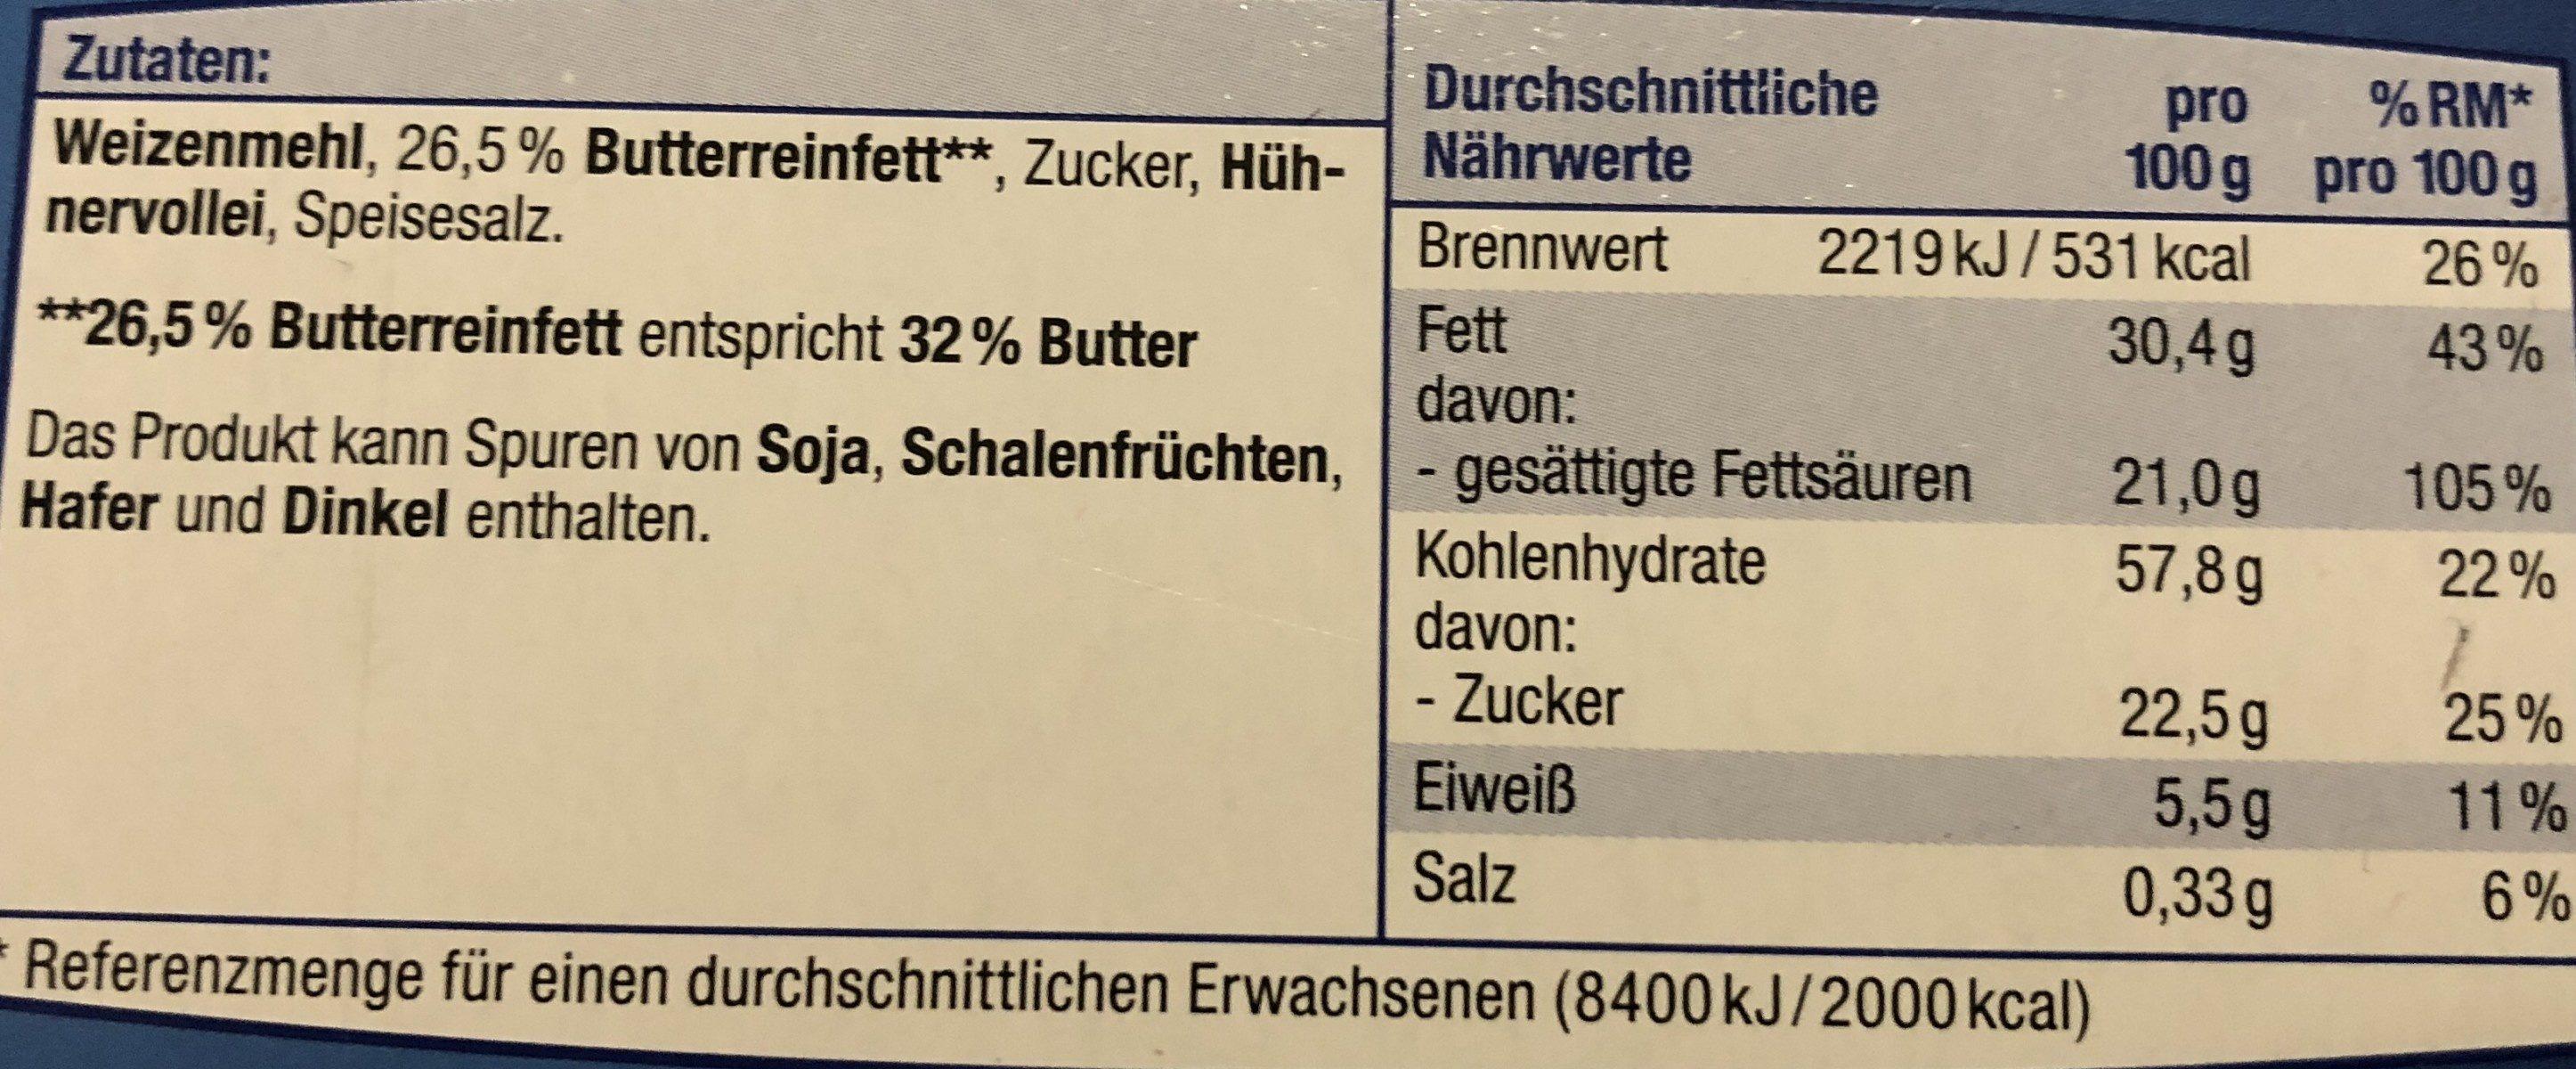 Butter Ringe - Ingrédients - fr